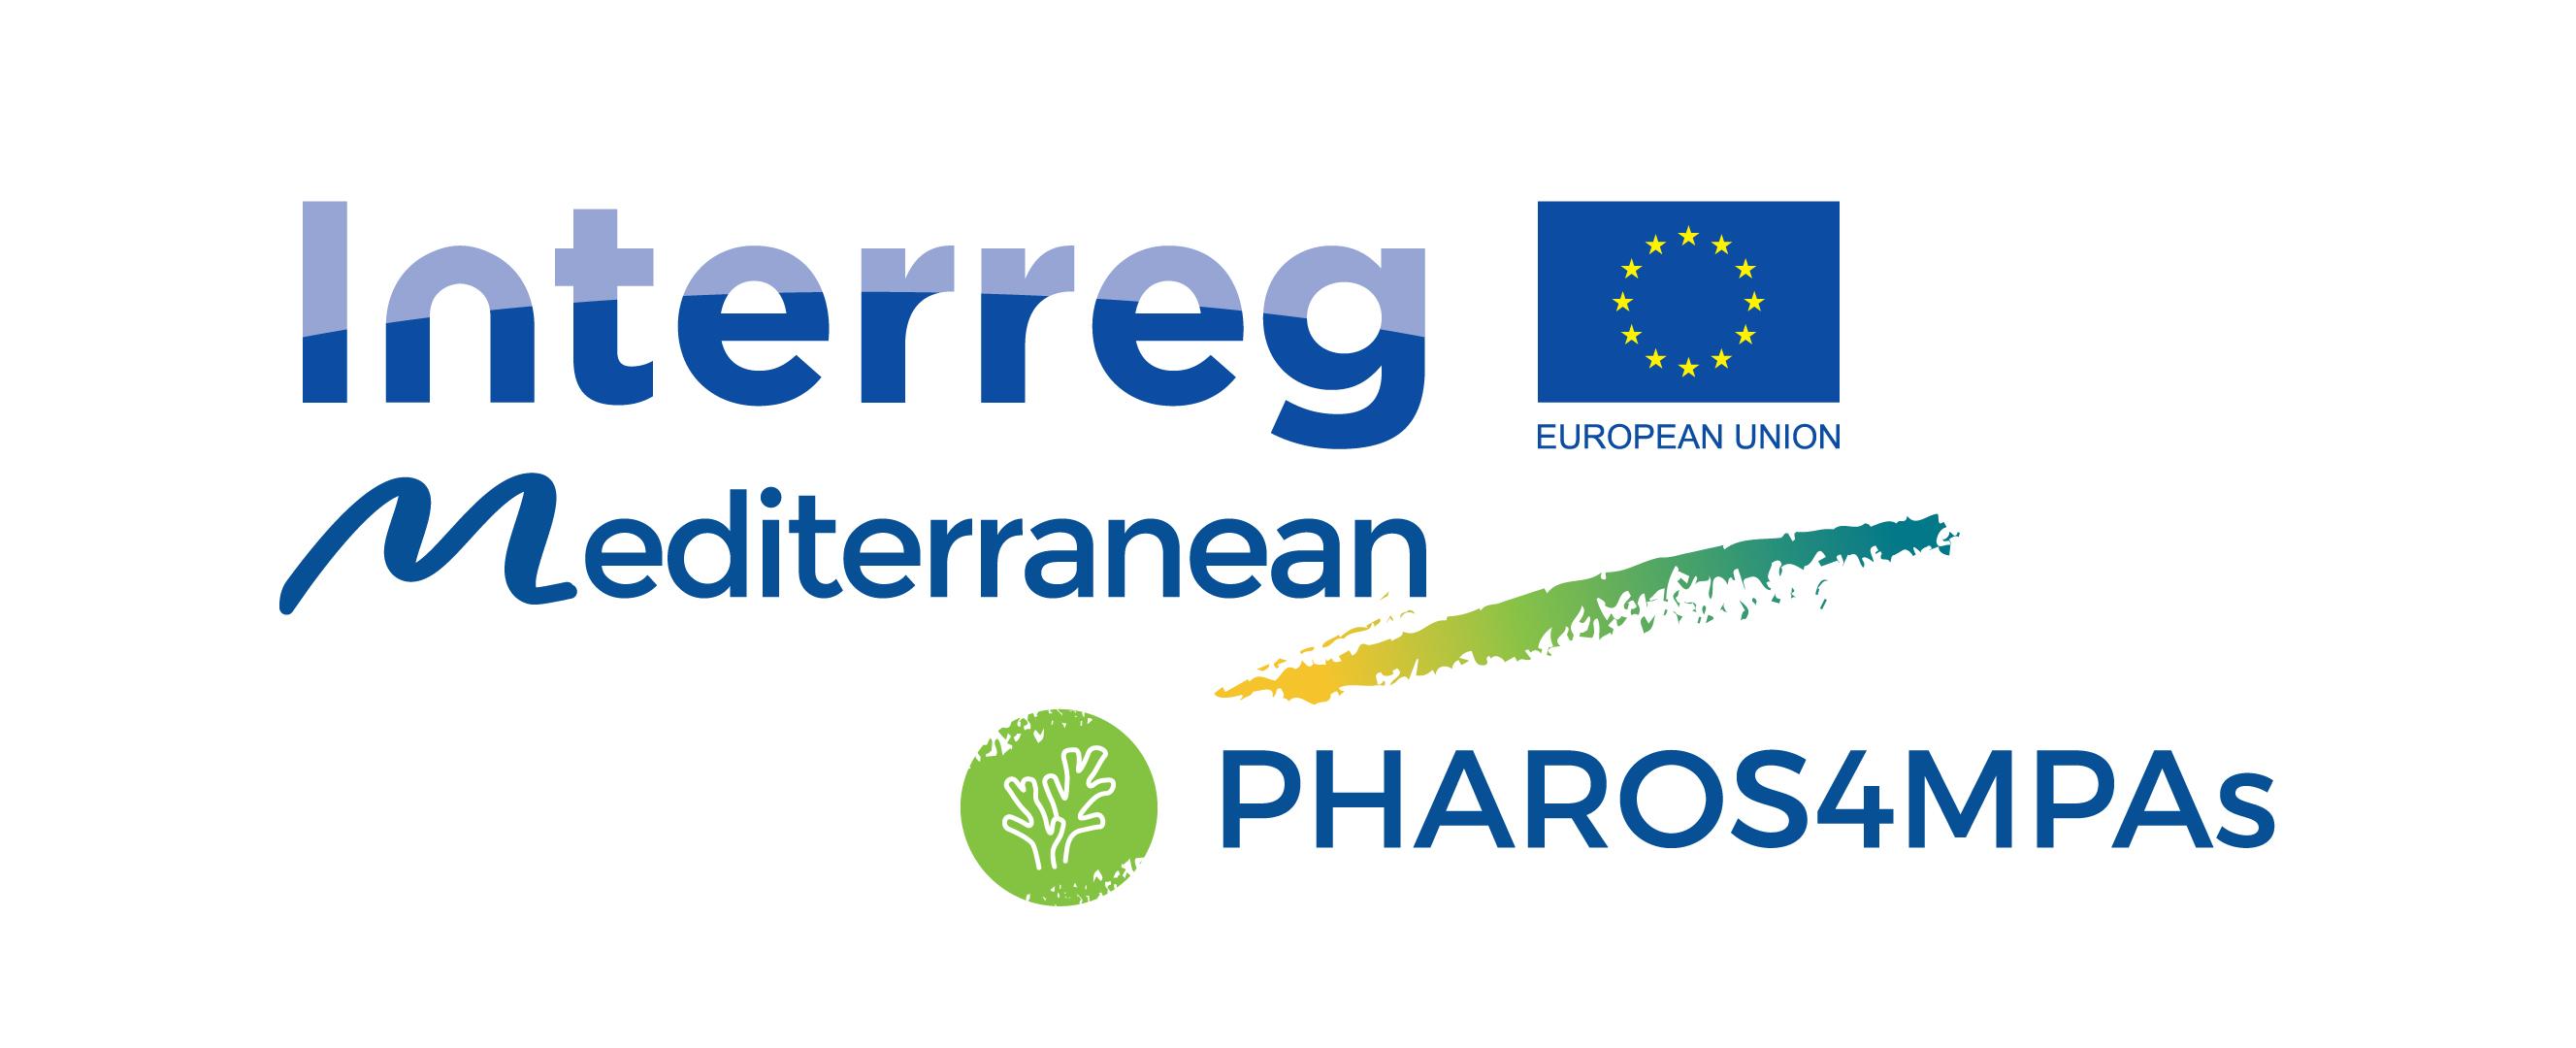 PHAROS4MPAs logo